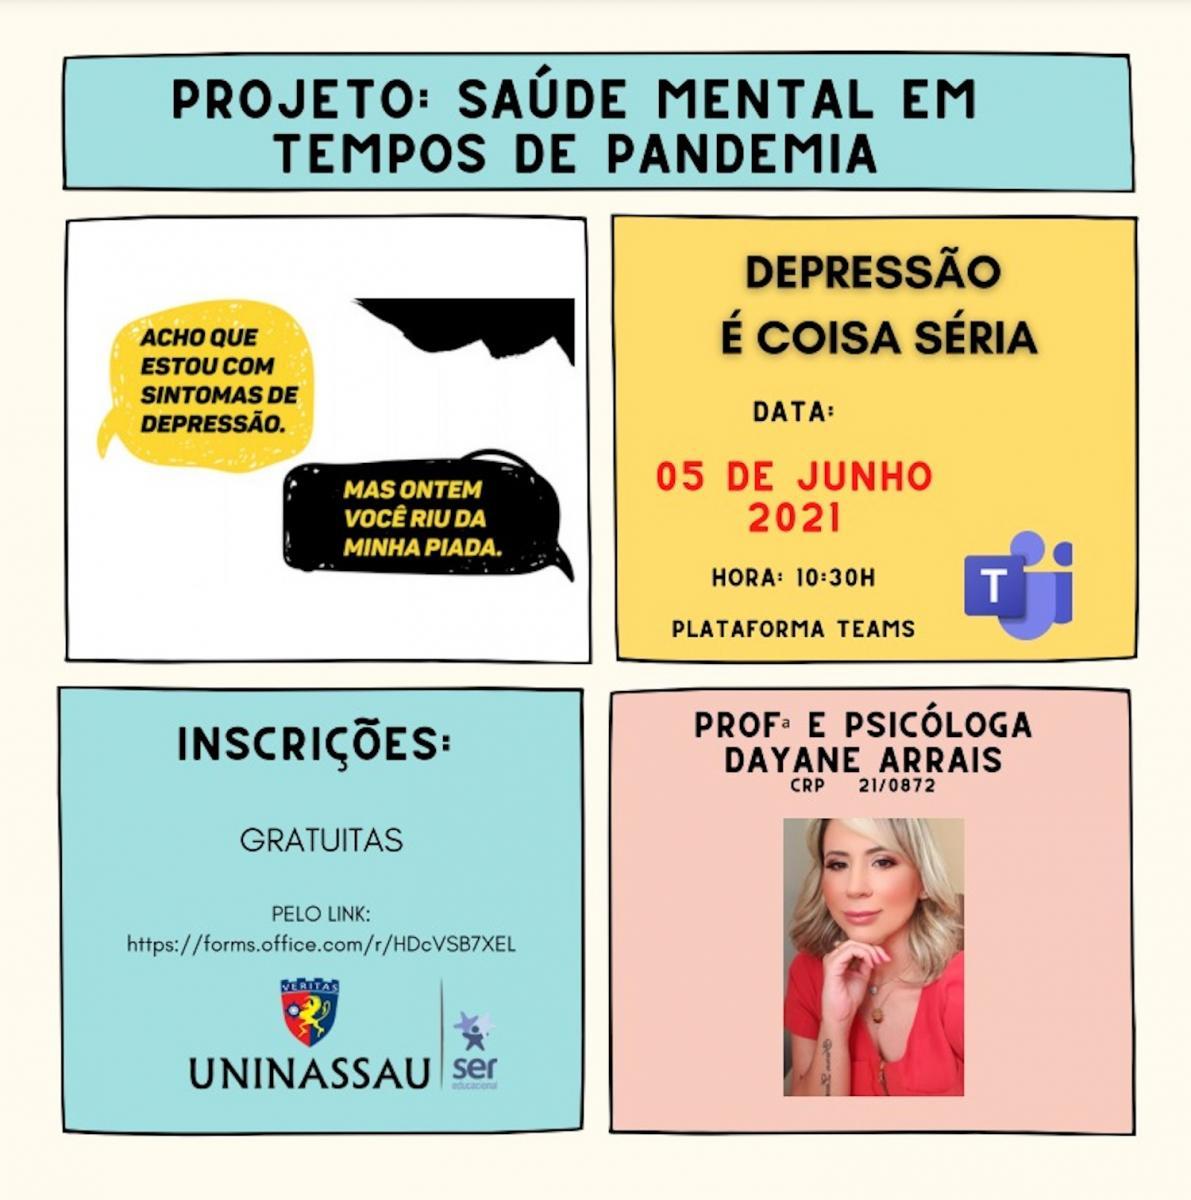 Depressão é tema de palestra online com psicólogos